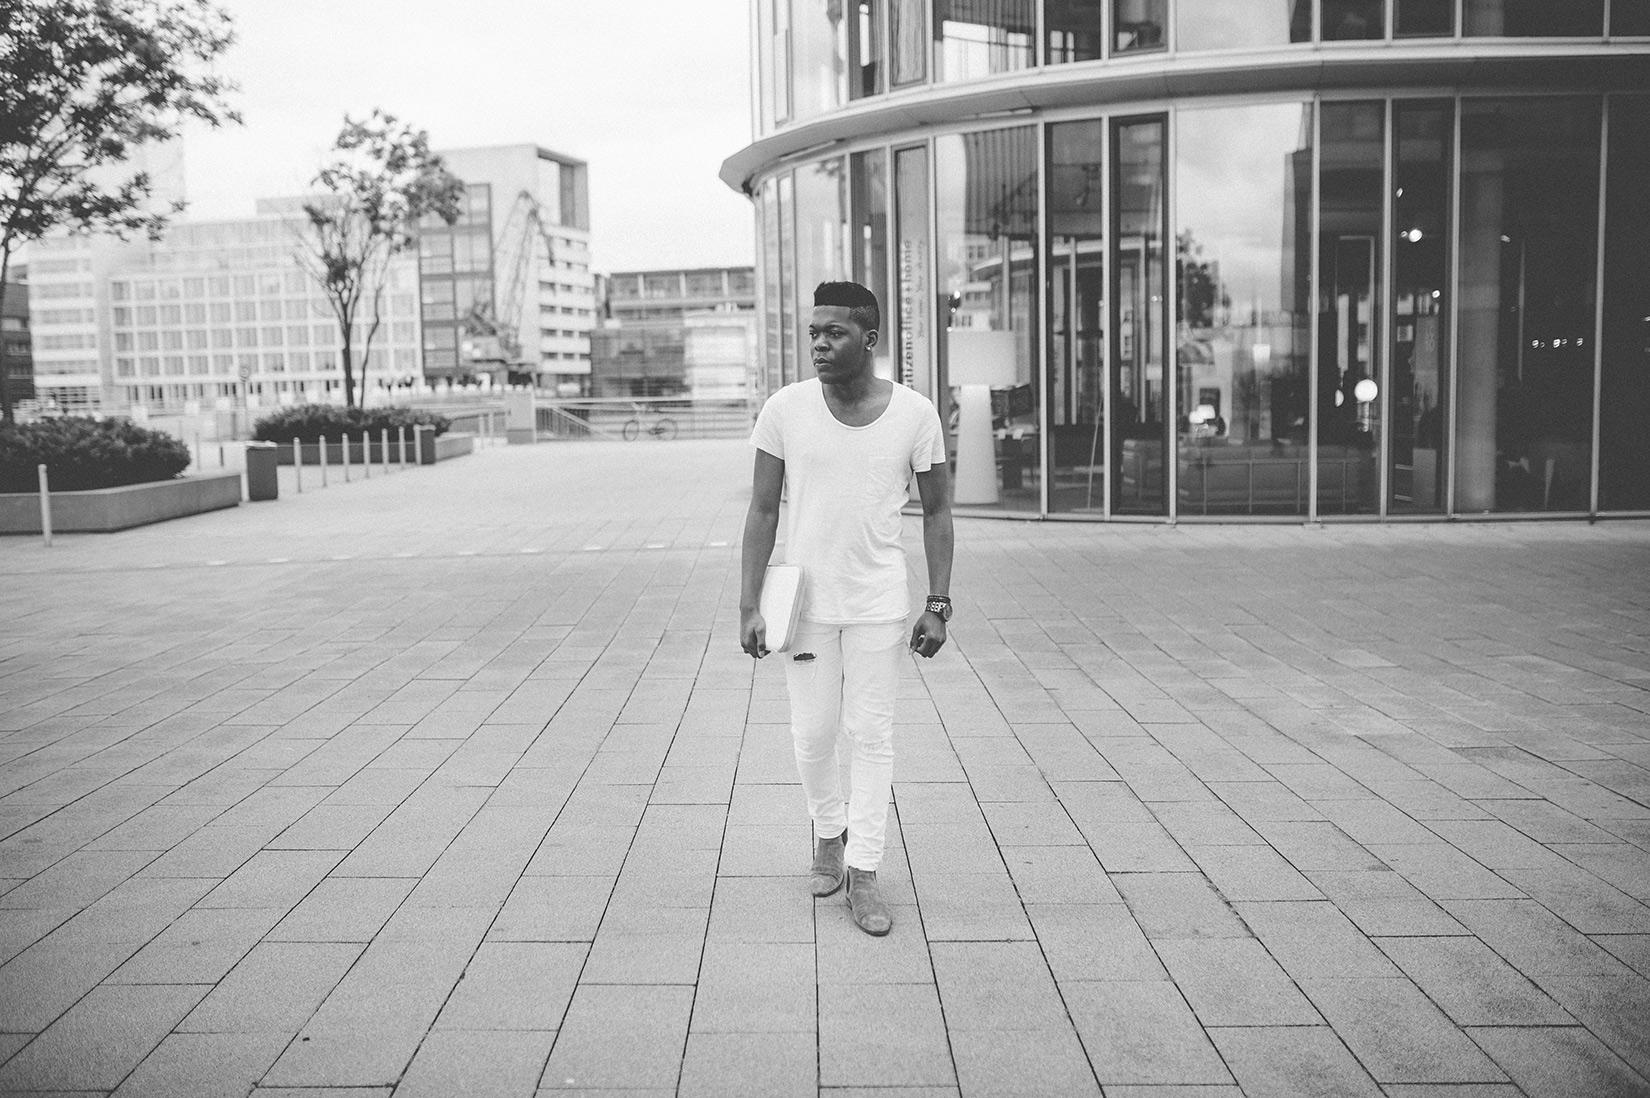 Billy mit weißer Tasche - Schwarz-weiß